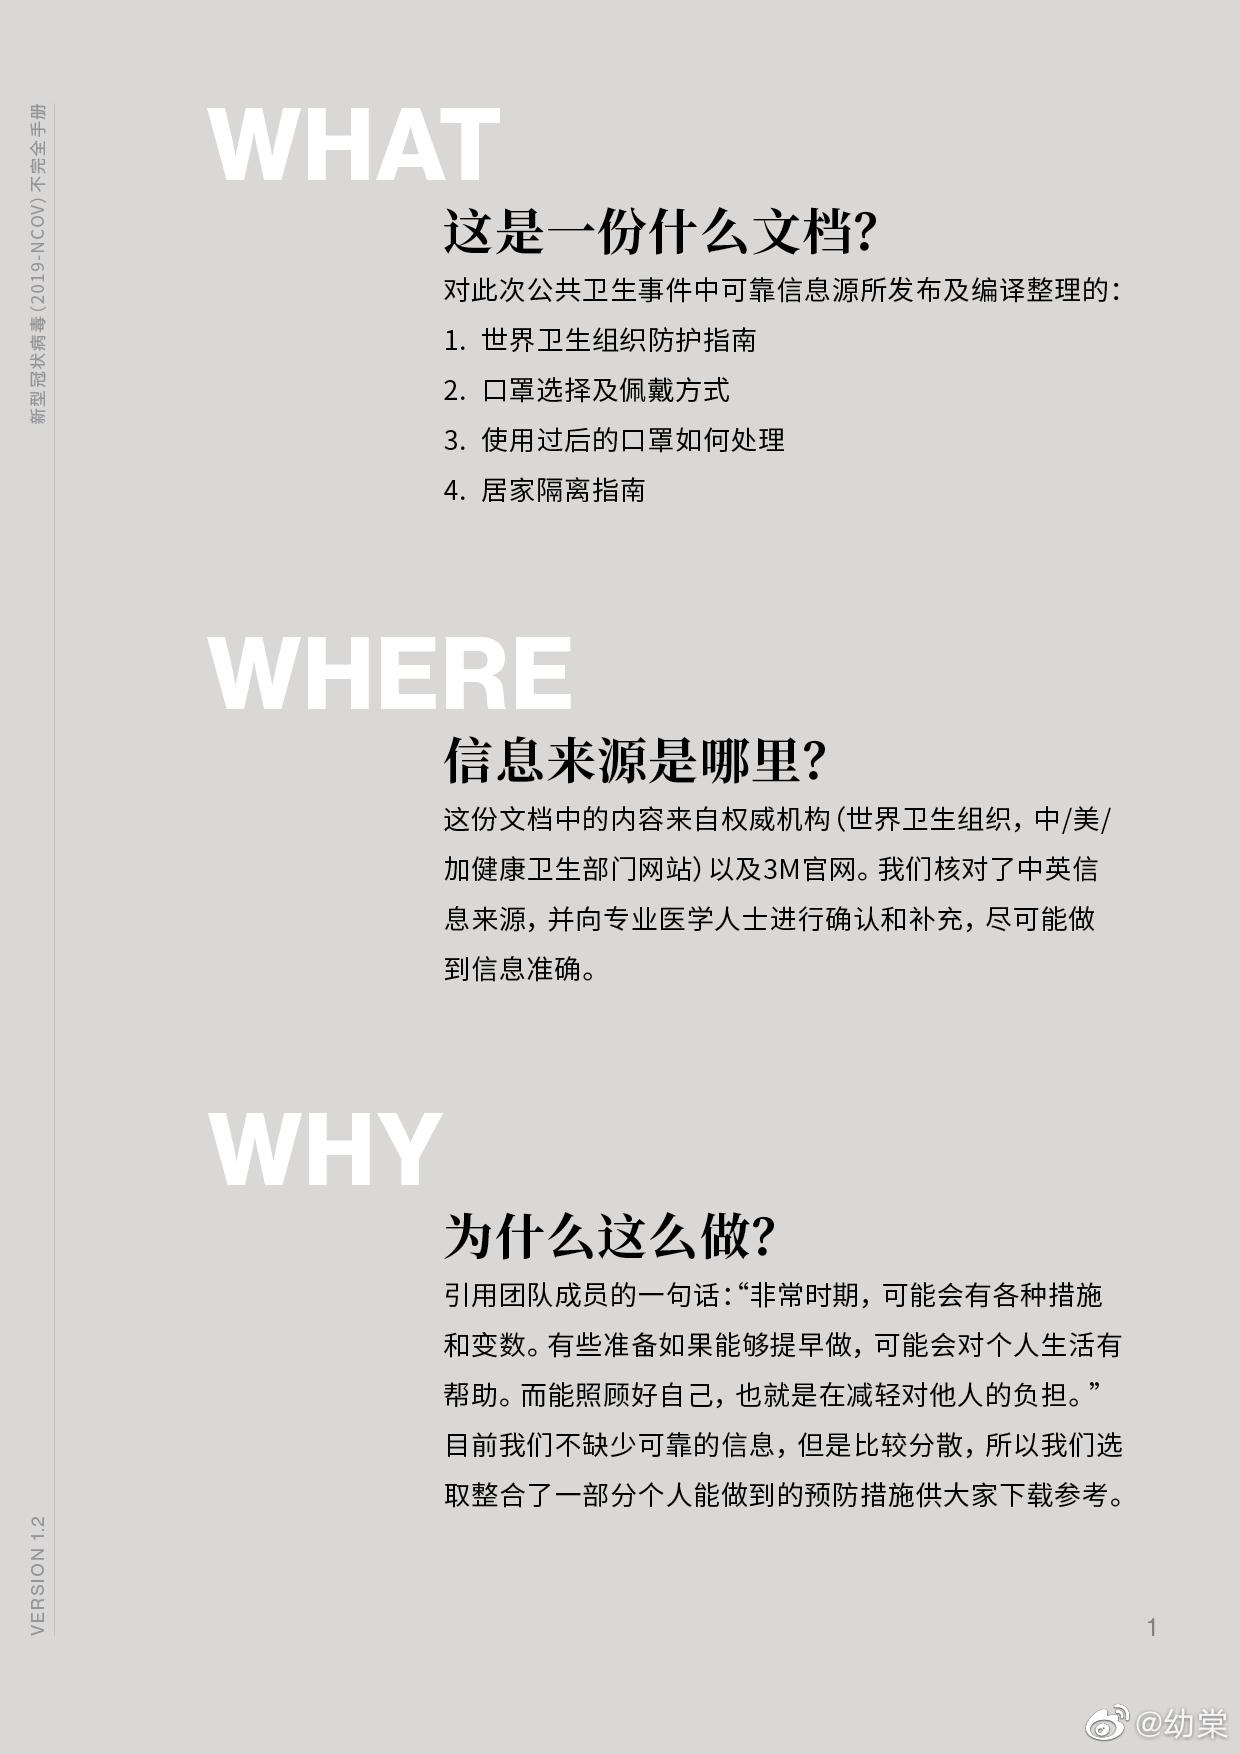 全国新型肺炎疫情实时动态_更新《国家援鄂医疗队武汉方言实用手册》